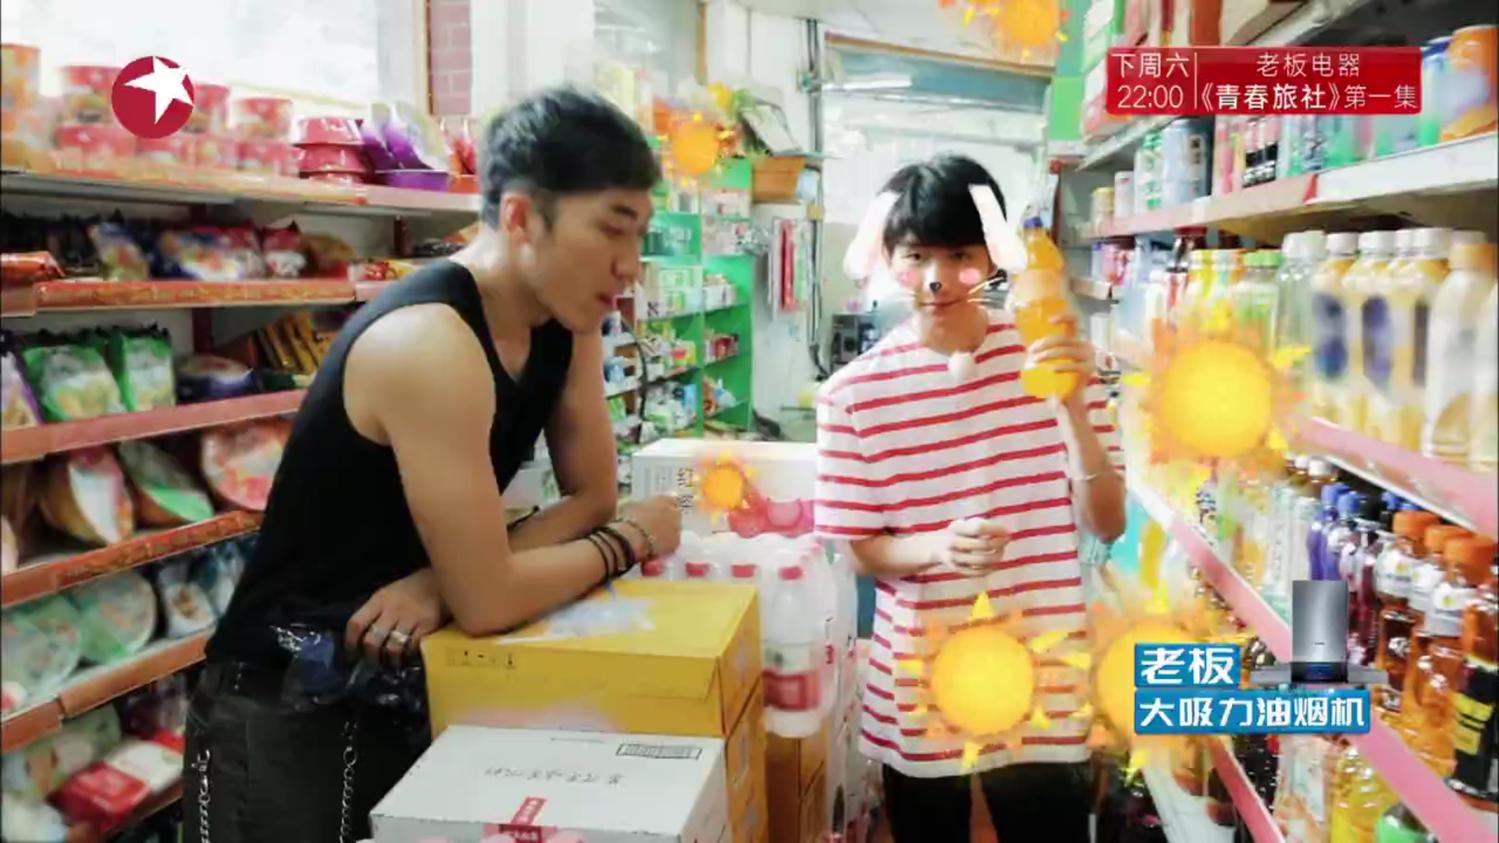 [TFBOYS][新闻]170923 王源新综艺捕捉打广告小王子 买东西也要买自己代言的